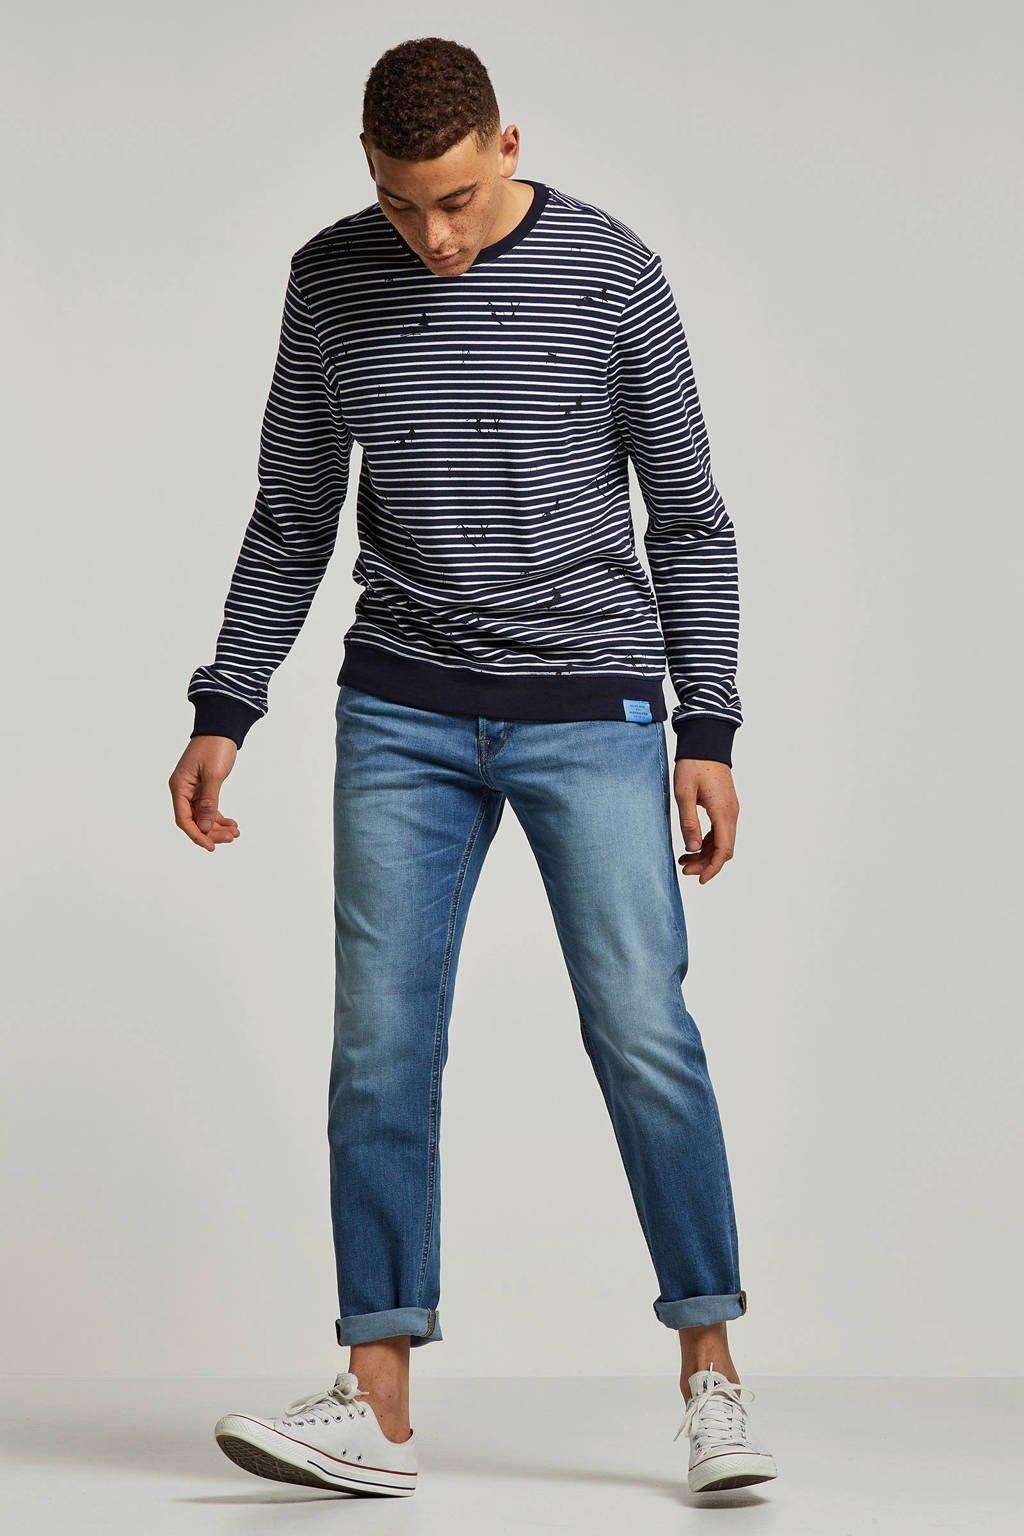 Jack & Jones Originals  regular jeans Mike, Blauw